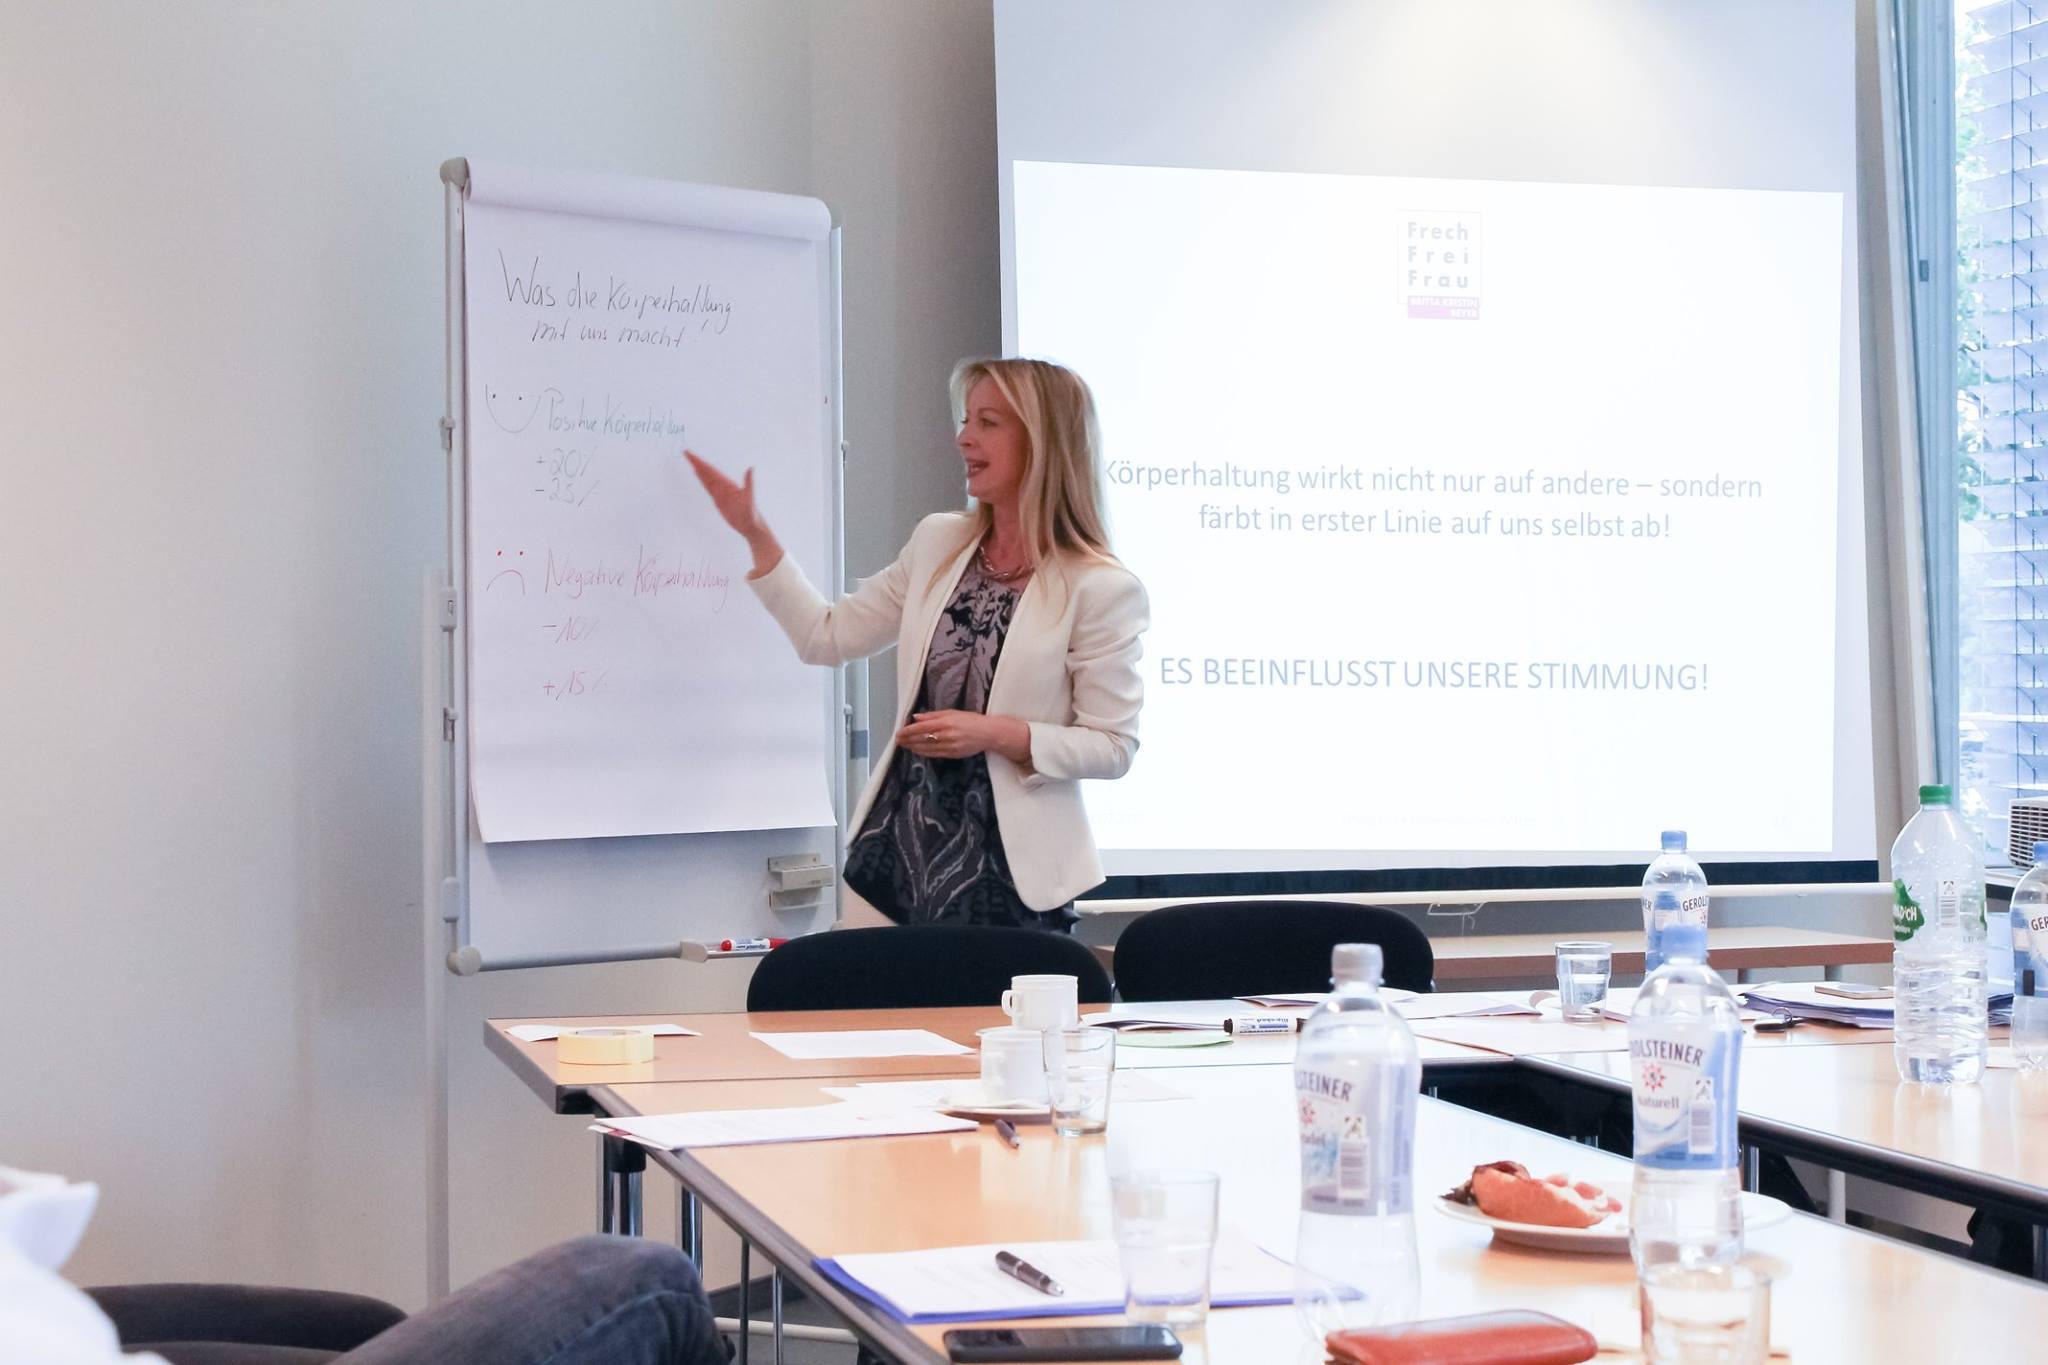 Körpersprache-Workshop im Rahmen des Talentprogrammes | Uni Witten ...